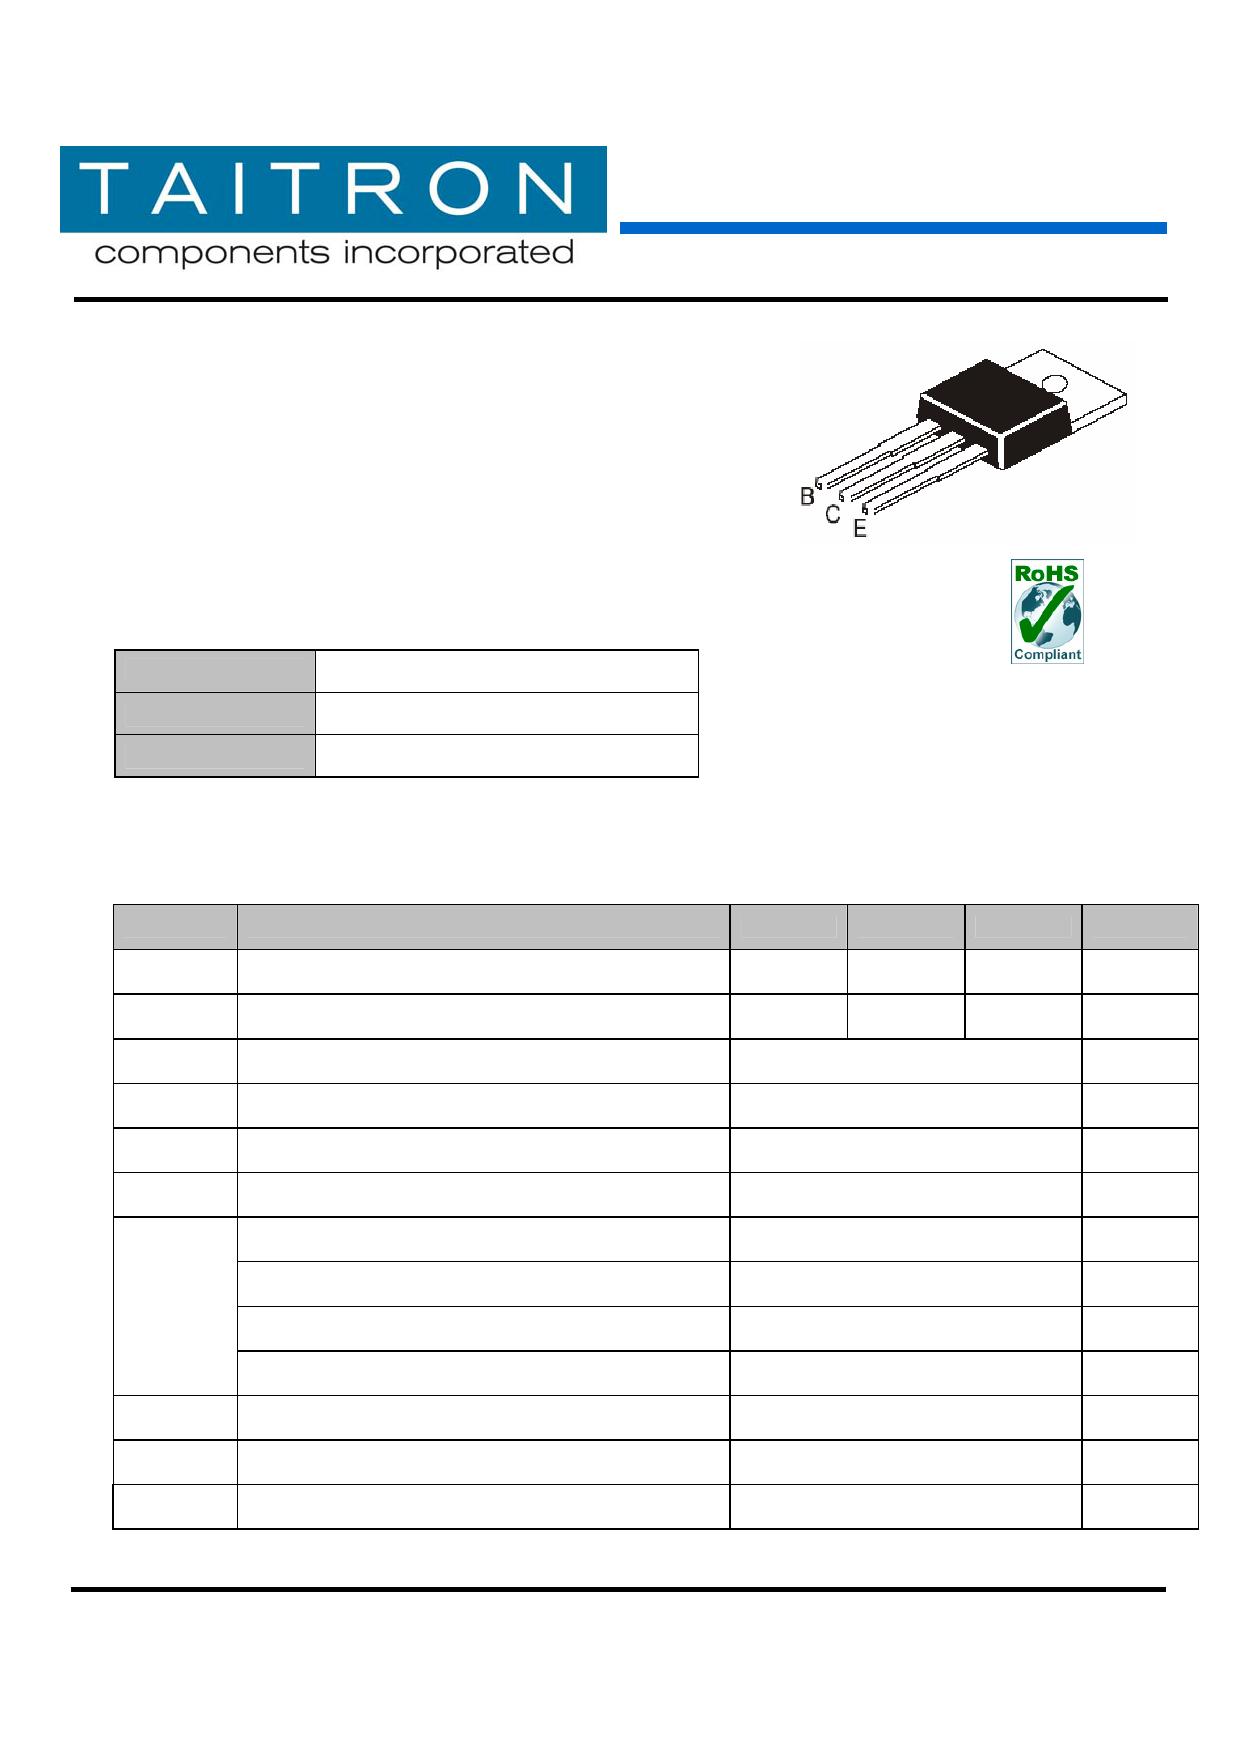 TIP127 datasheet pinout